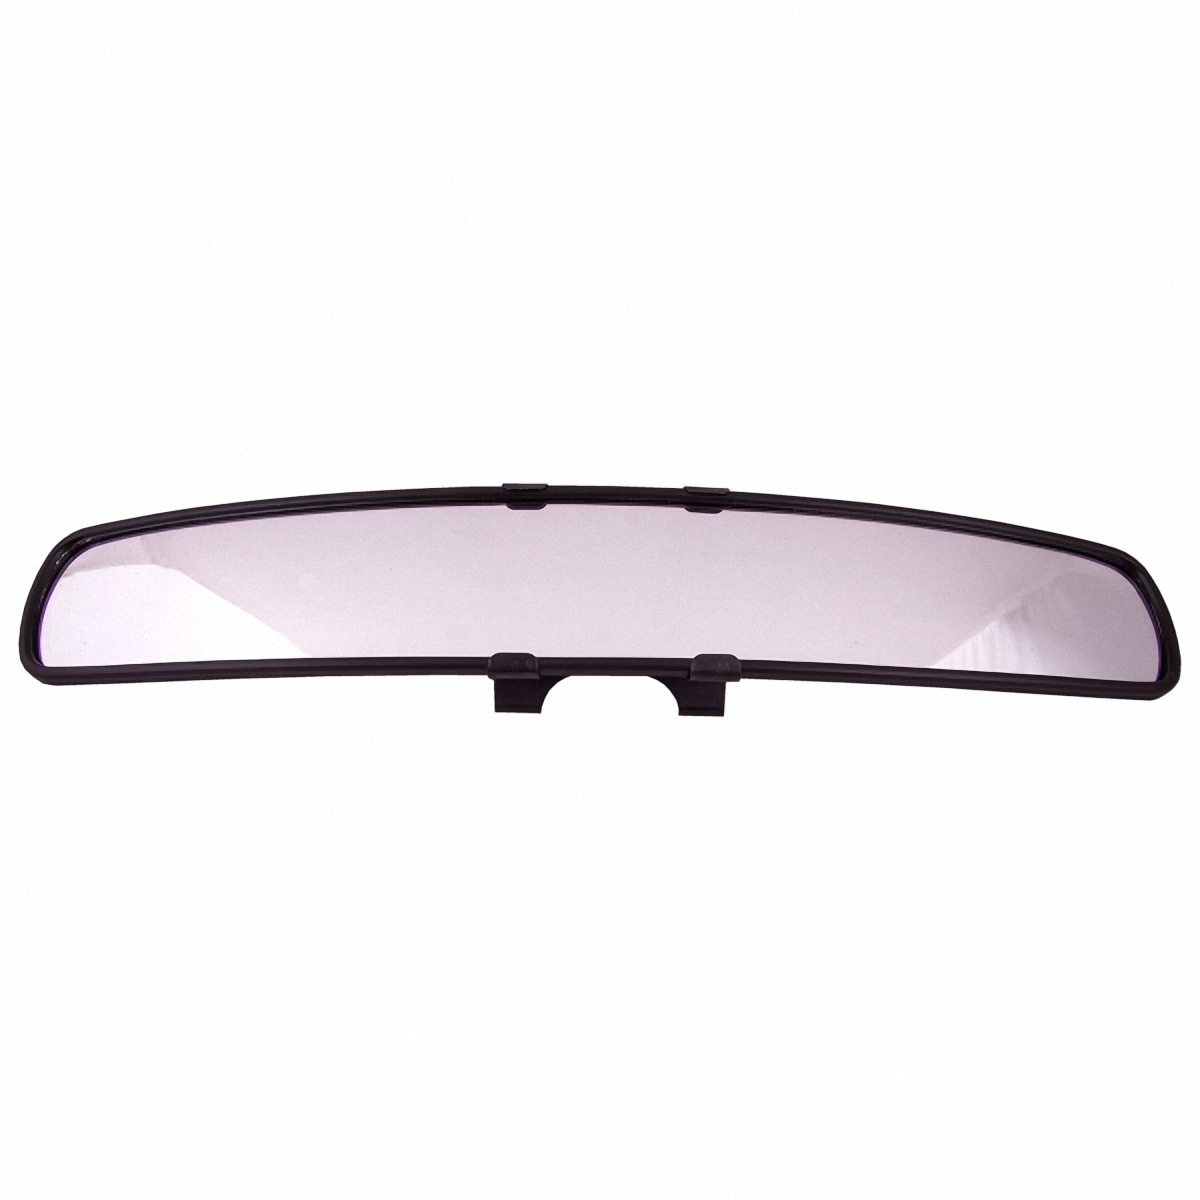 Зеркало внутрисалонное Skyway, панорамное. S0100100498295719Зеркало внутрисалонное, панорамное, 17 (430мм), изготовлено из ABS-пластика и высококлассного хромированного стекла. Позволяет водителю видеть предметы, находящиеся за автомобилем, значительно расширяя обзор и снижая риск аварийноопасных ситуаций.Особенности: Конструкция внутрисалонного панорамного зеркала спроектирована таким образом, чтобы оно расширяло зону заднего обзора, захватывая слепые зоны.Высококлассное хромированное стекло снизит риск ослепления и избавит от раздвоенных изображений. Лёгкий вес и тонкая конструкция. Зеркало заднего вида Skyway просто в установке и подходит для всех моделей автомобилей.